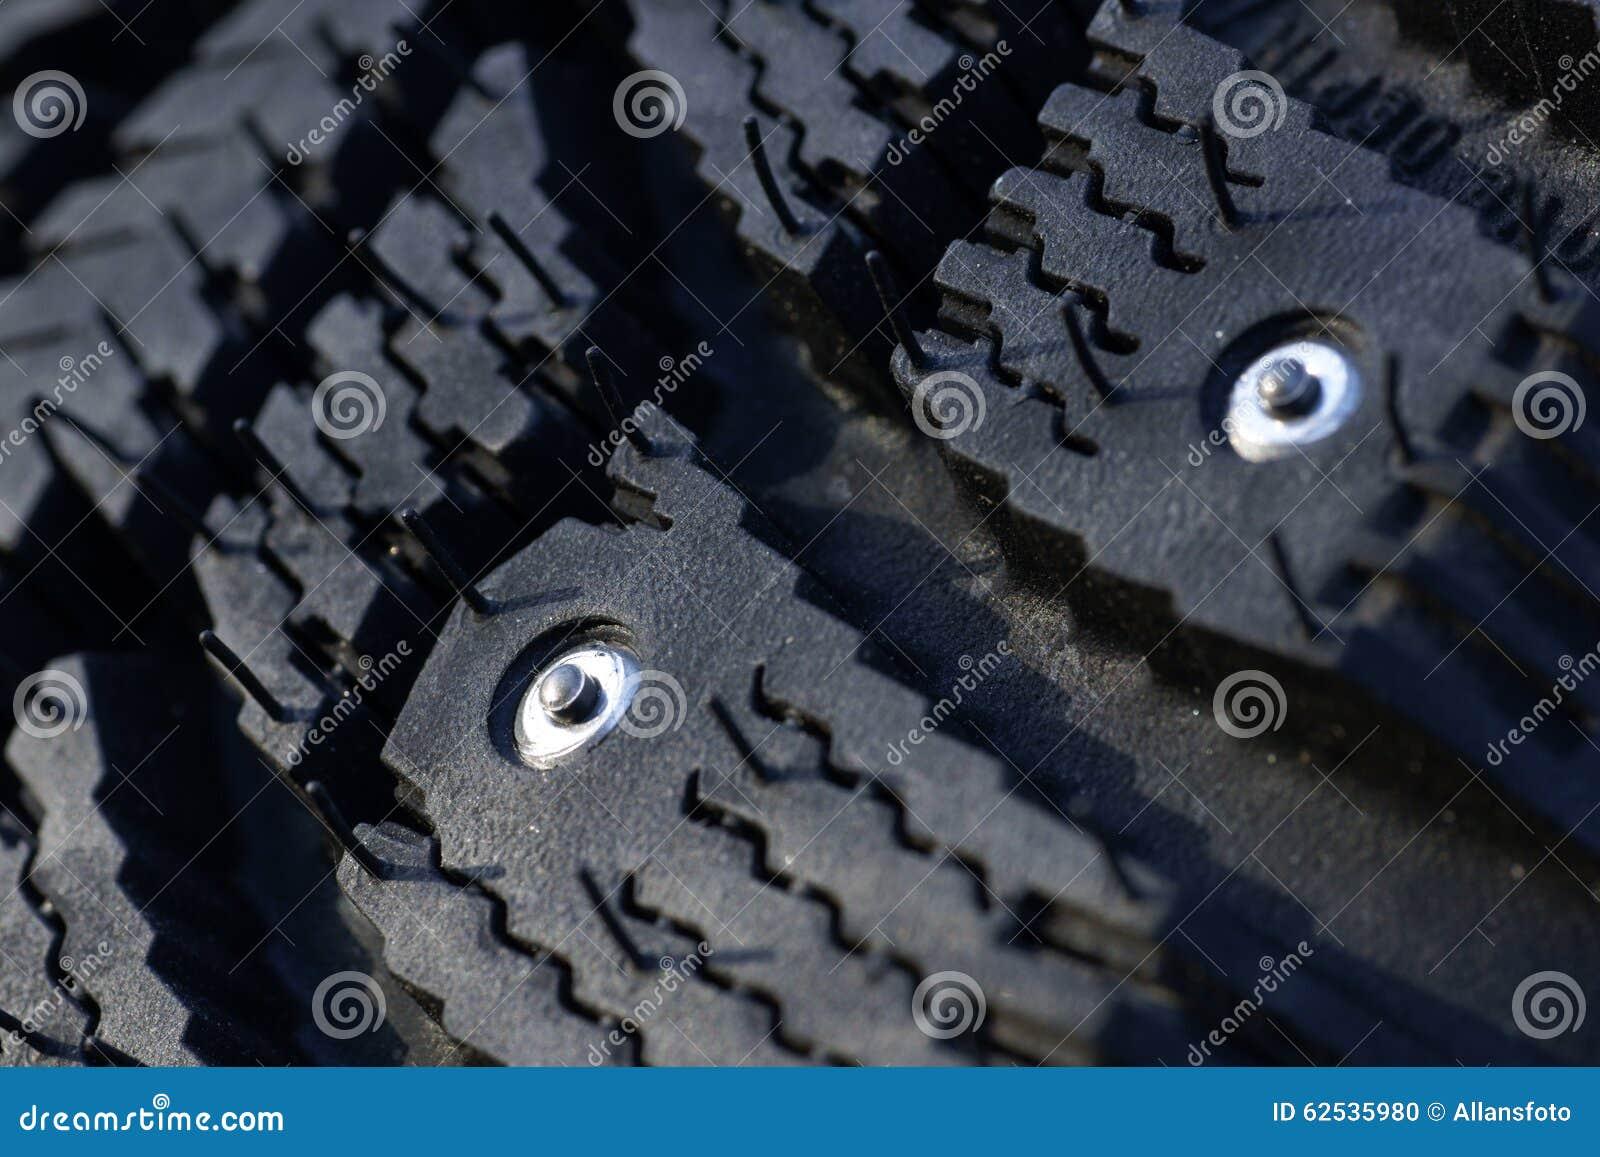 散布的冬天轮胎